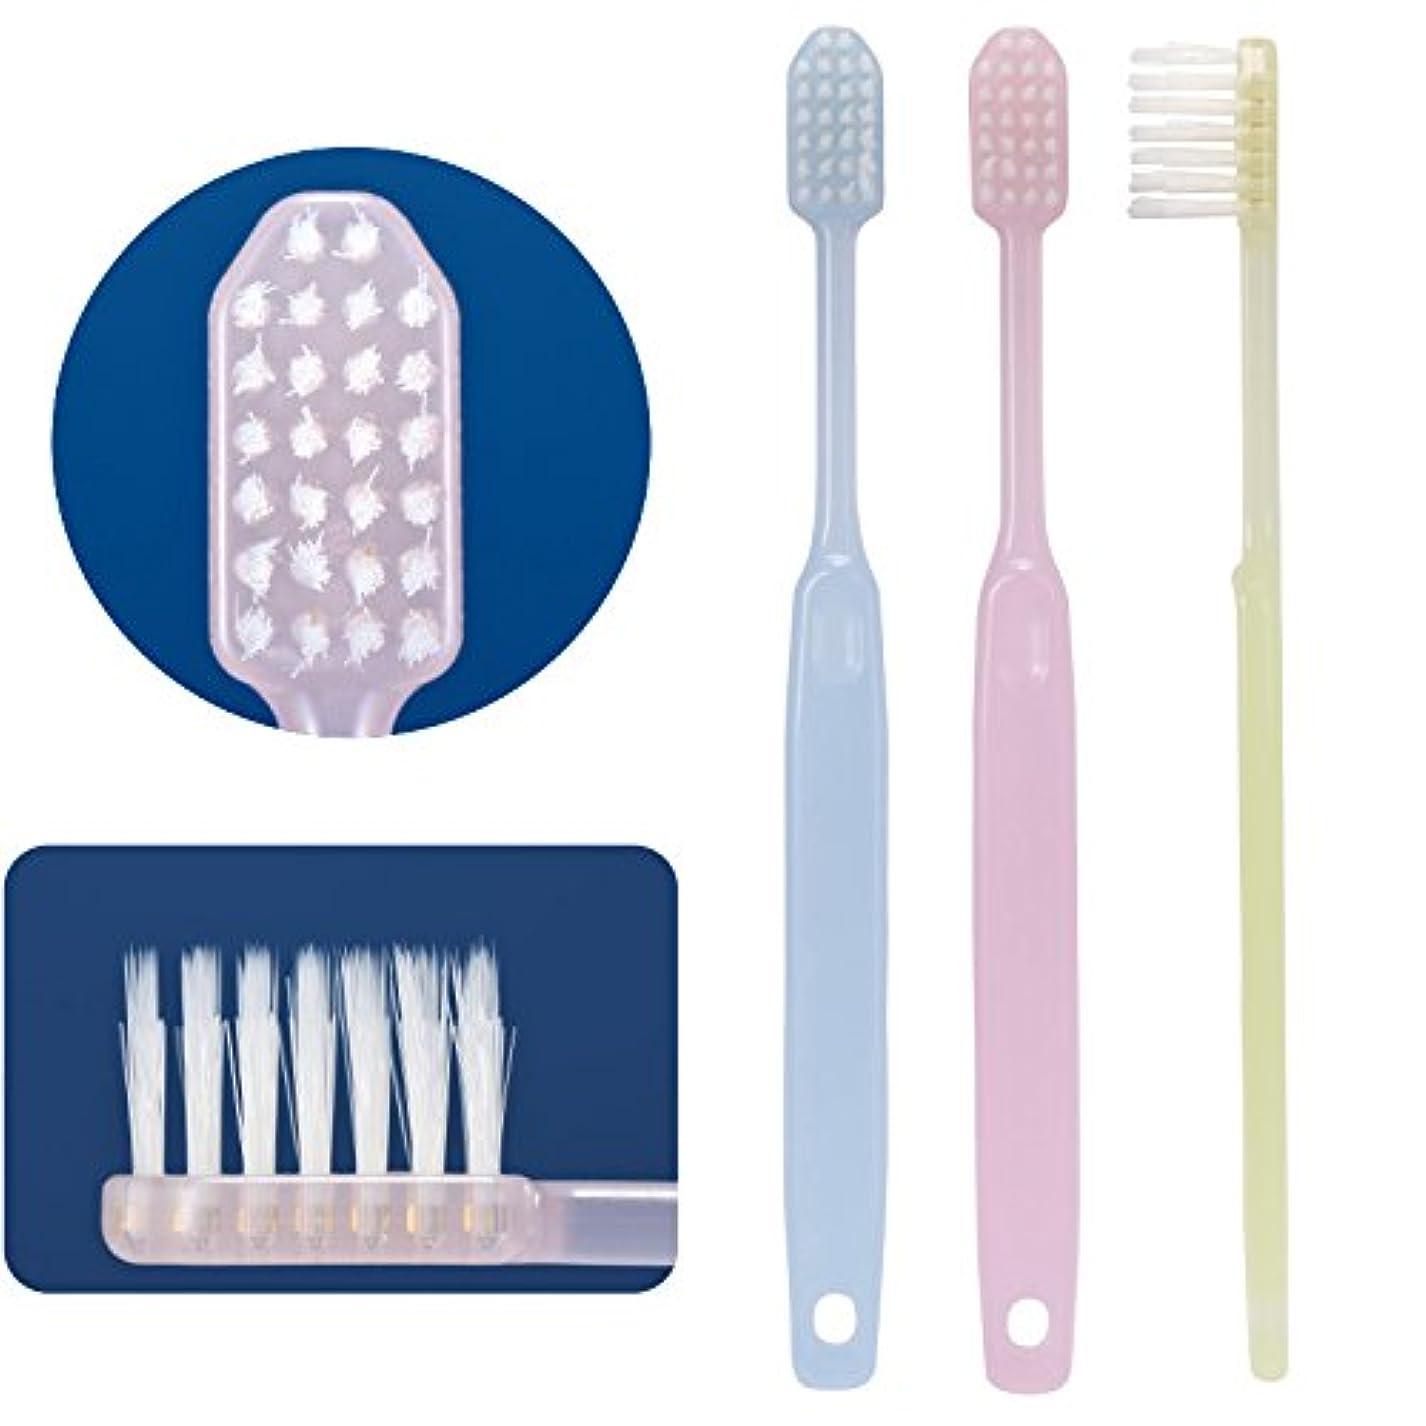 緊張するありそう表現Ci ワイドスポット 成人男性(中高年層) 50本 (カラー指定不可) 歯科医院専売品